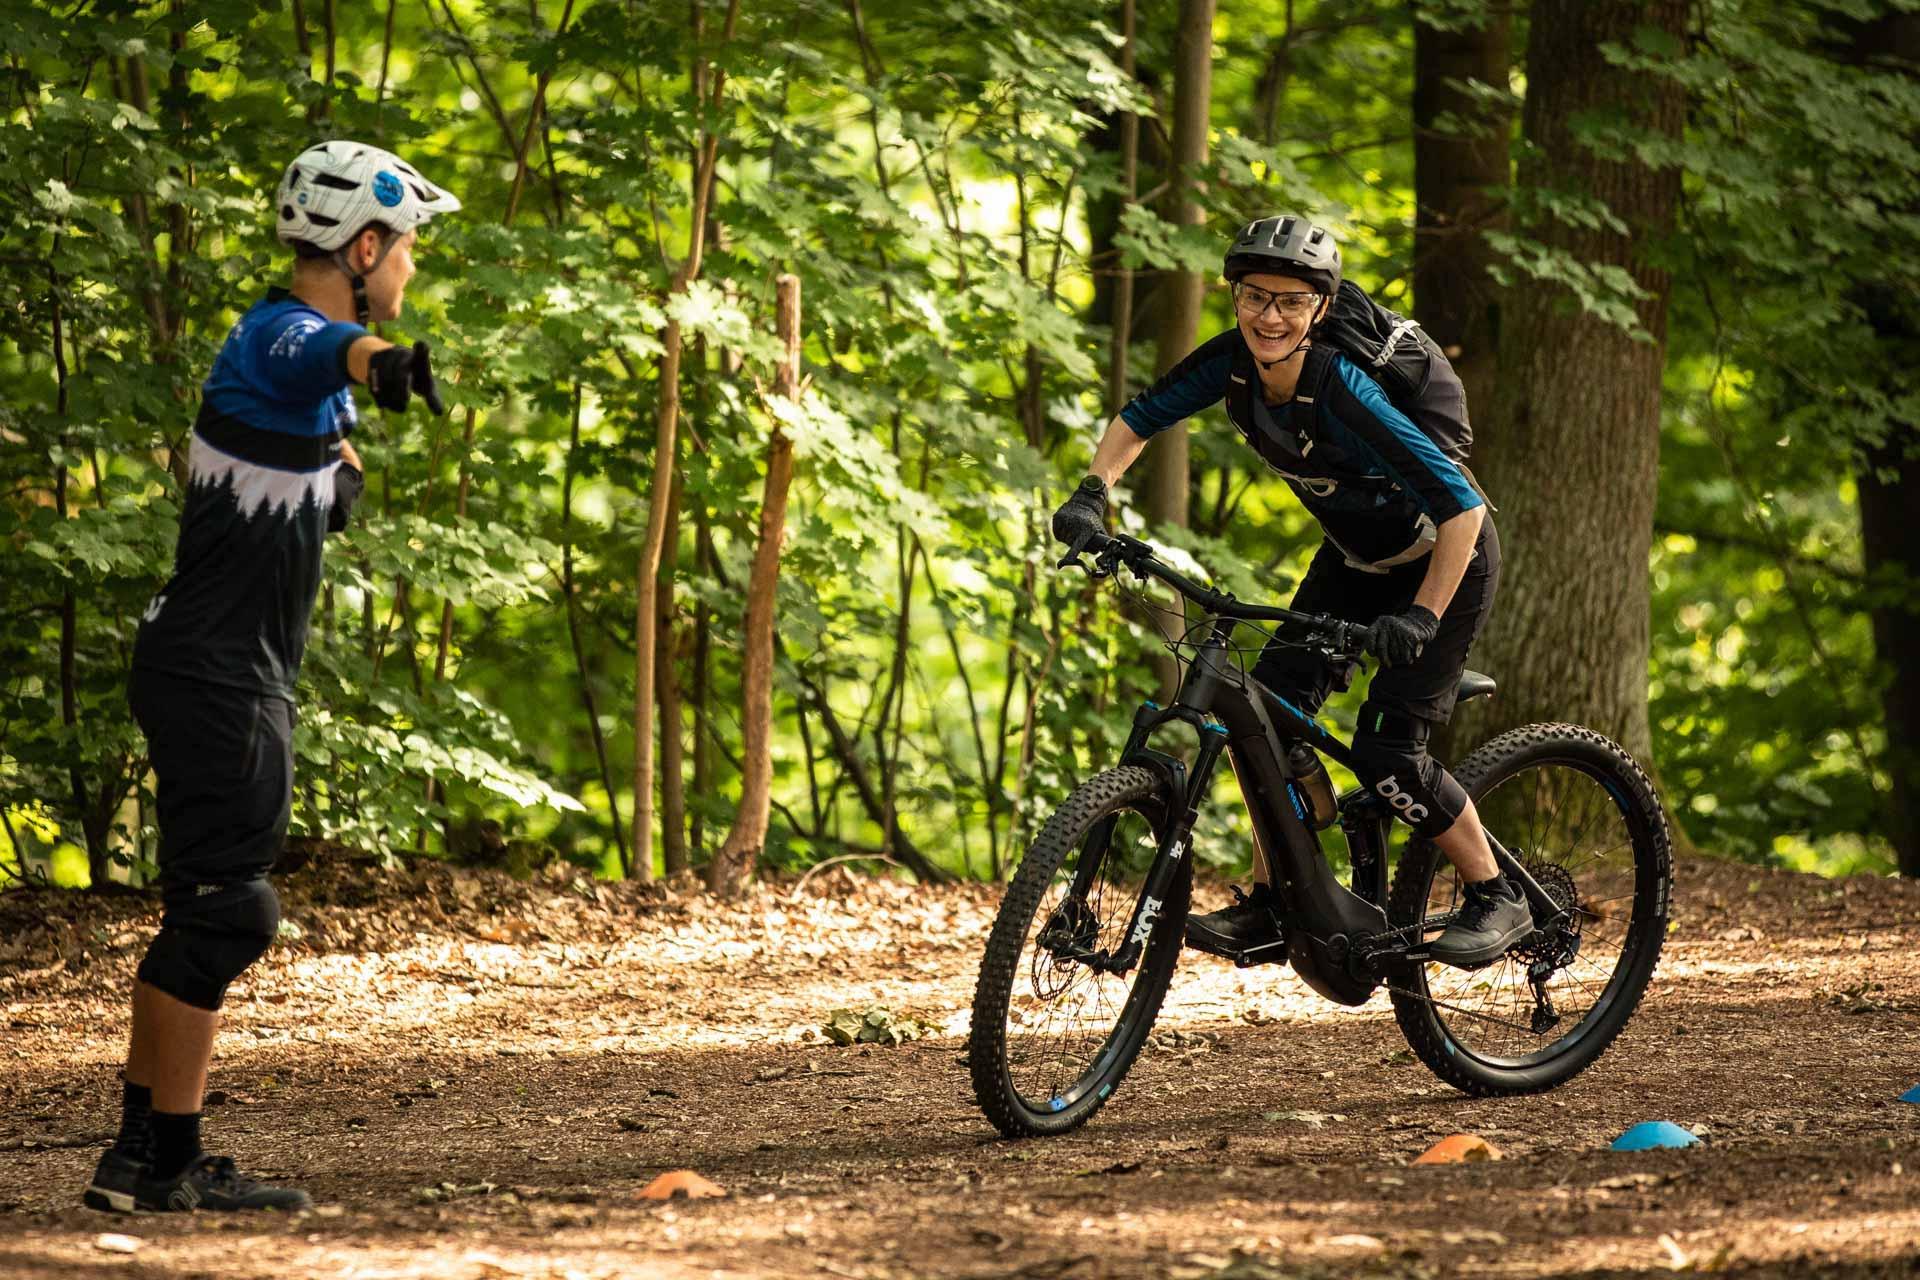 eMTB Fahrtechnik Einsteiger Kurs Witten |Ruhrgebiet - eBike Training - Rock my Trail Bikeschule GmbH